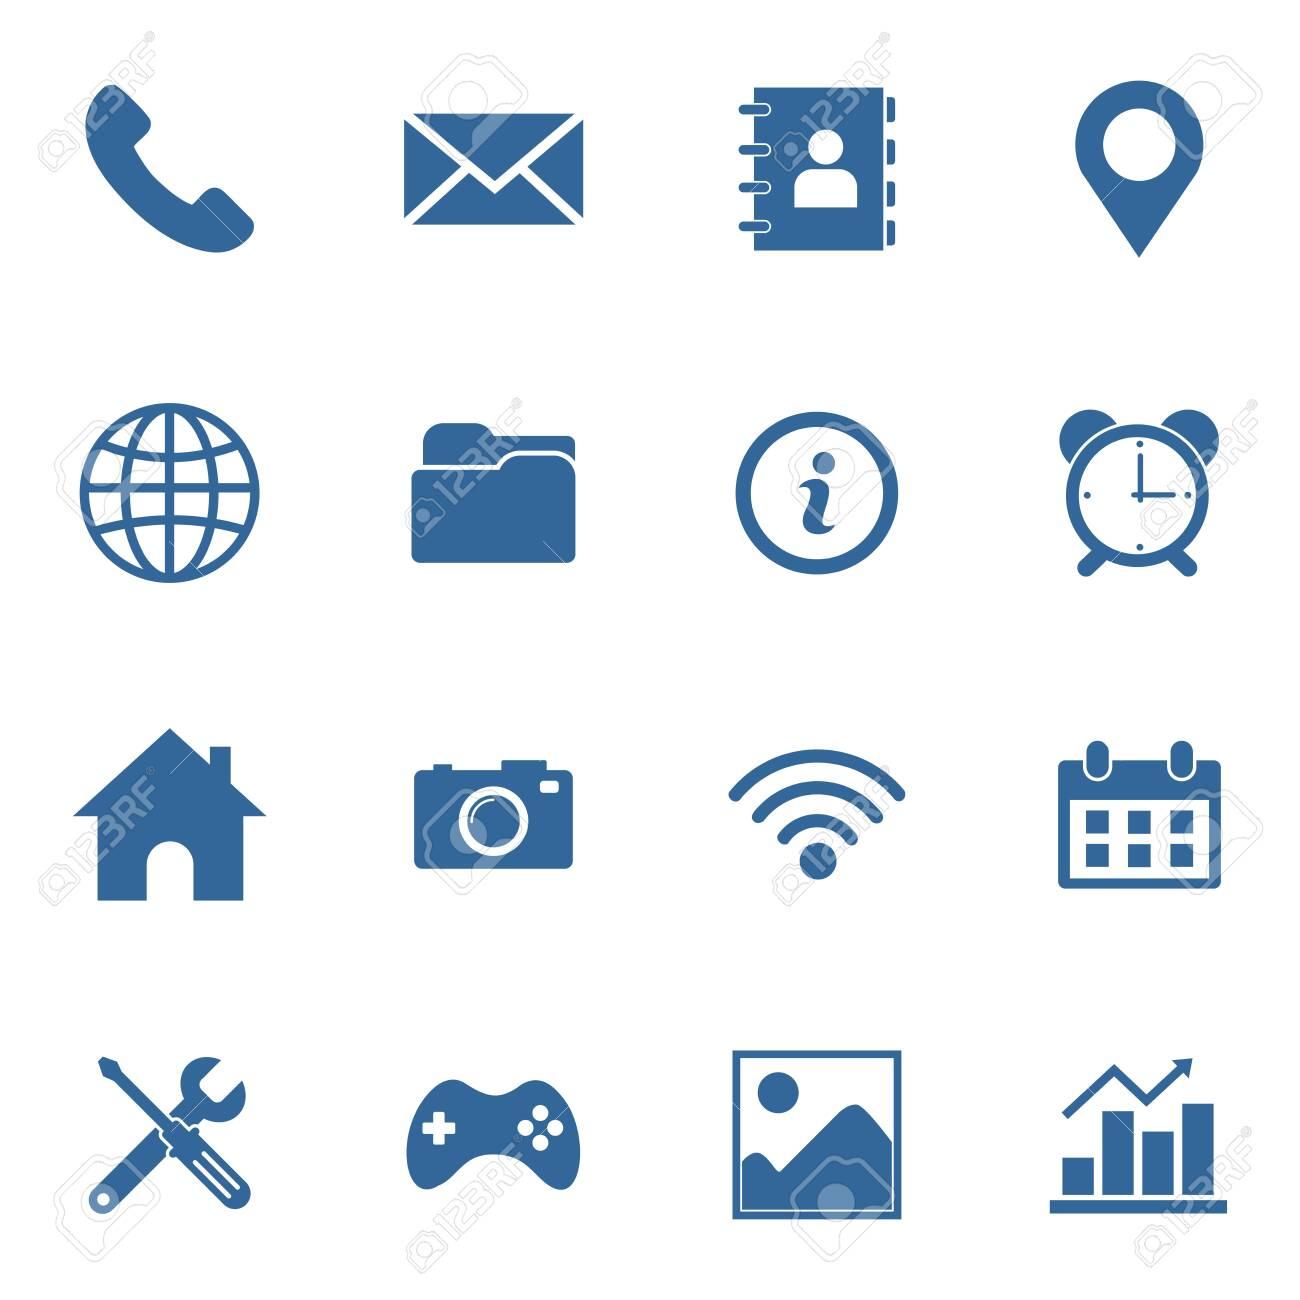 web icon set vector design symbol - 140694023